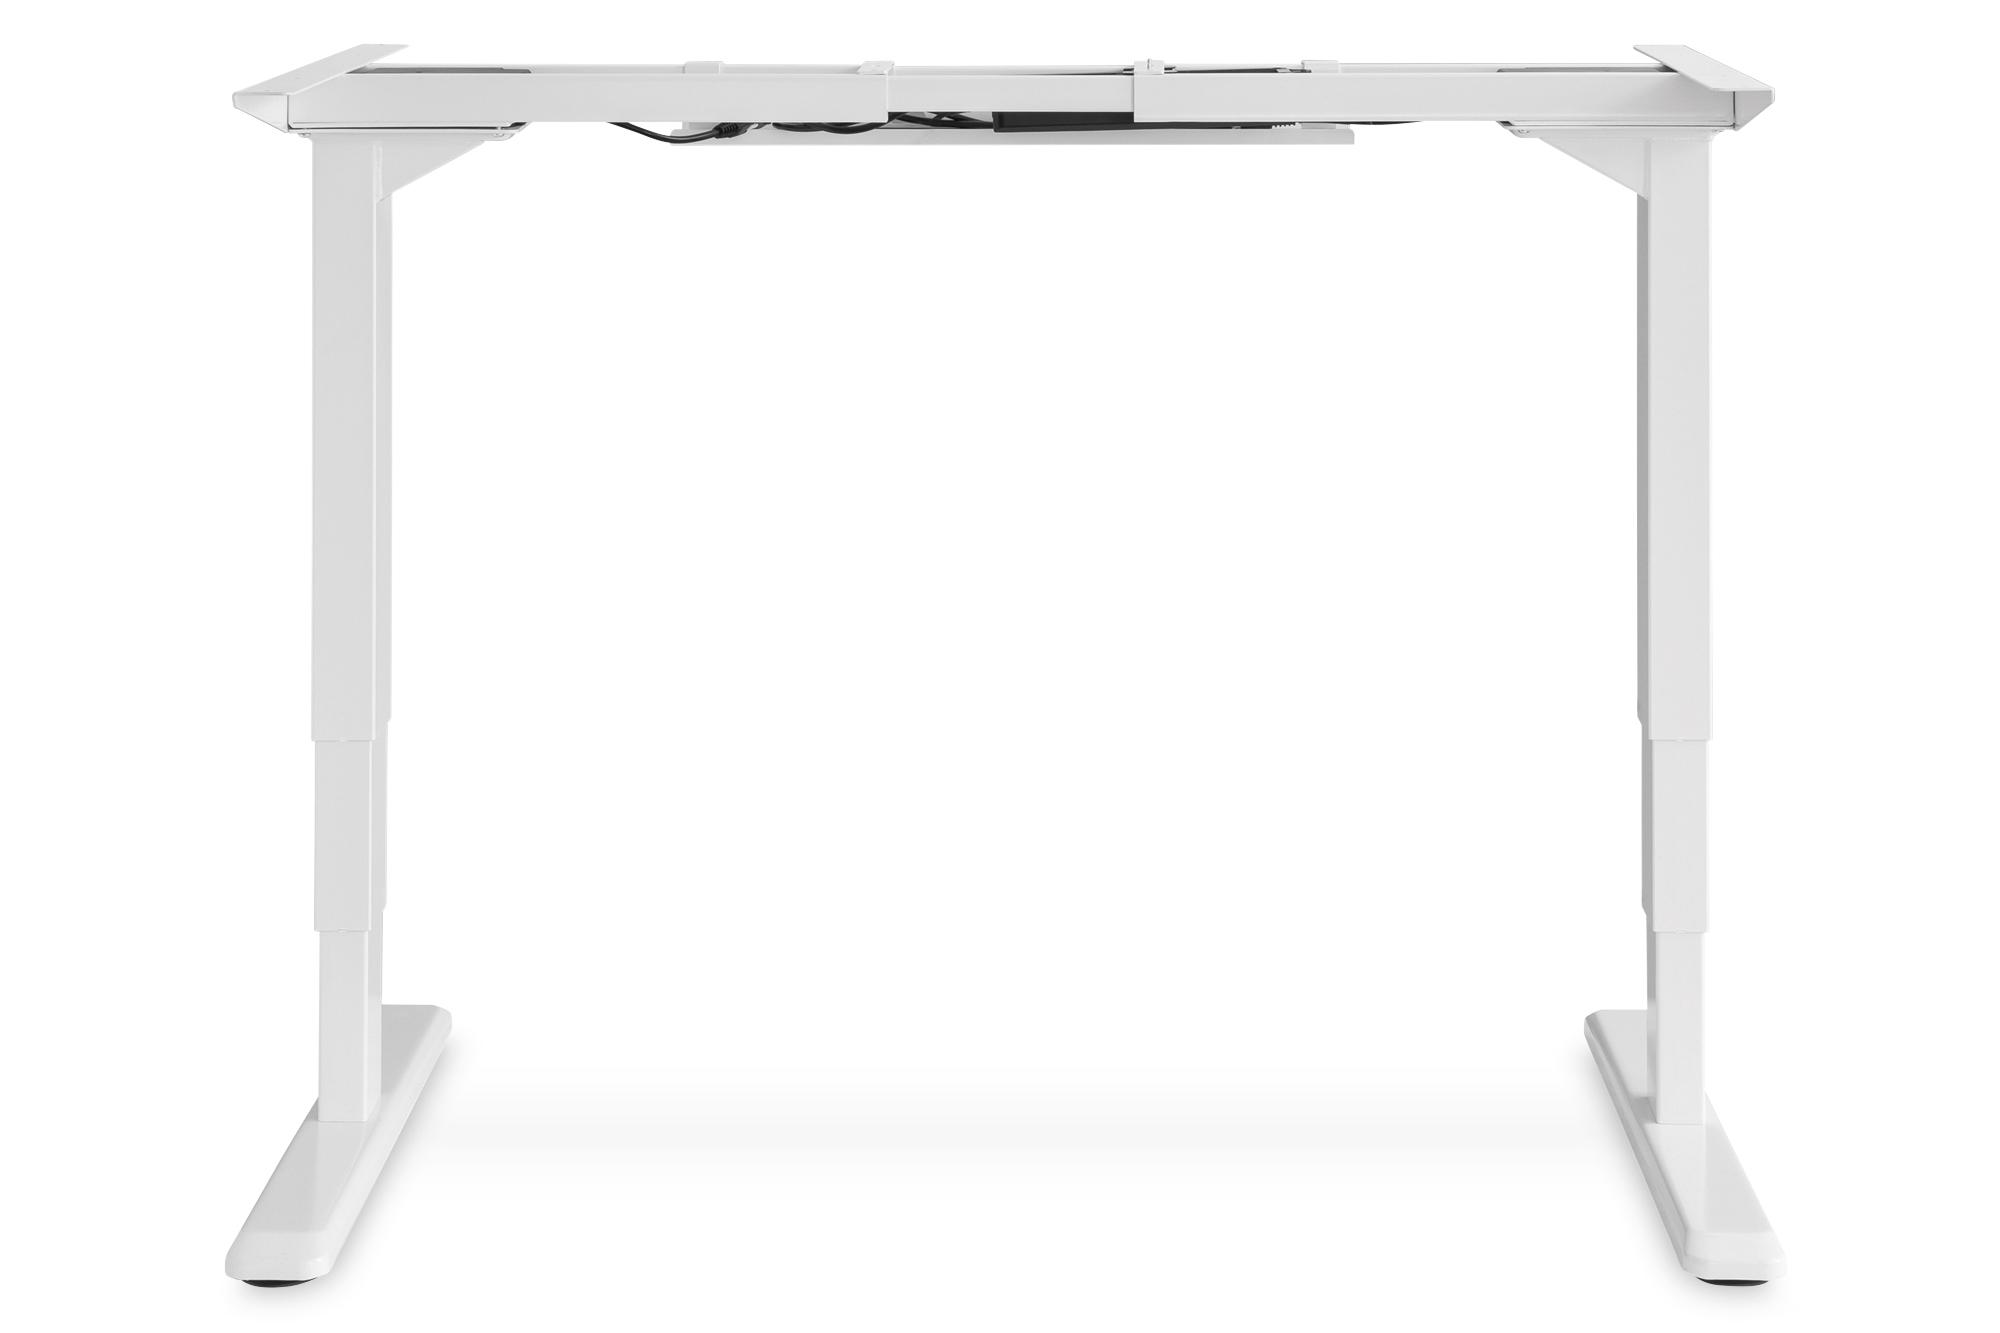 Supporto per tavolo ad altezza regolabile elettricamente